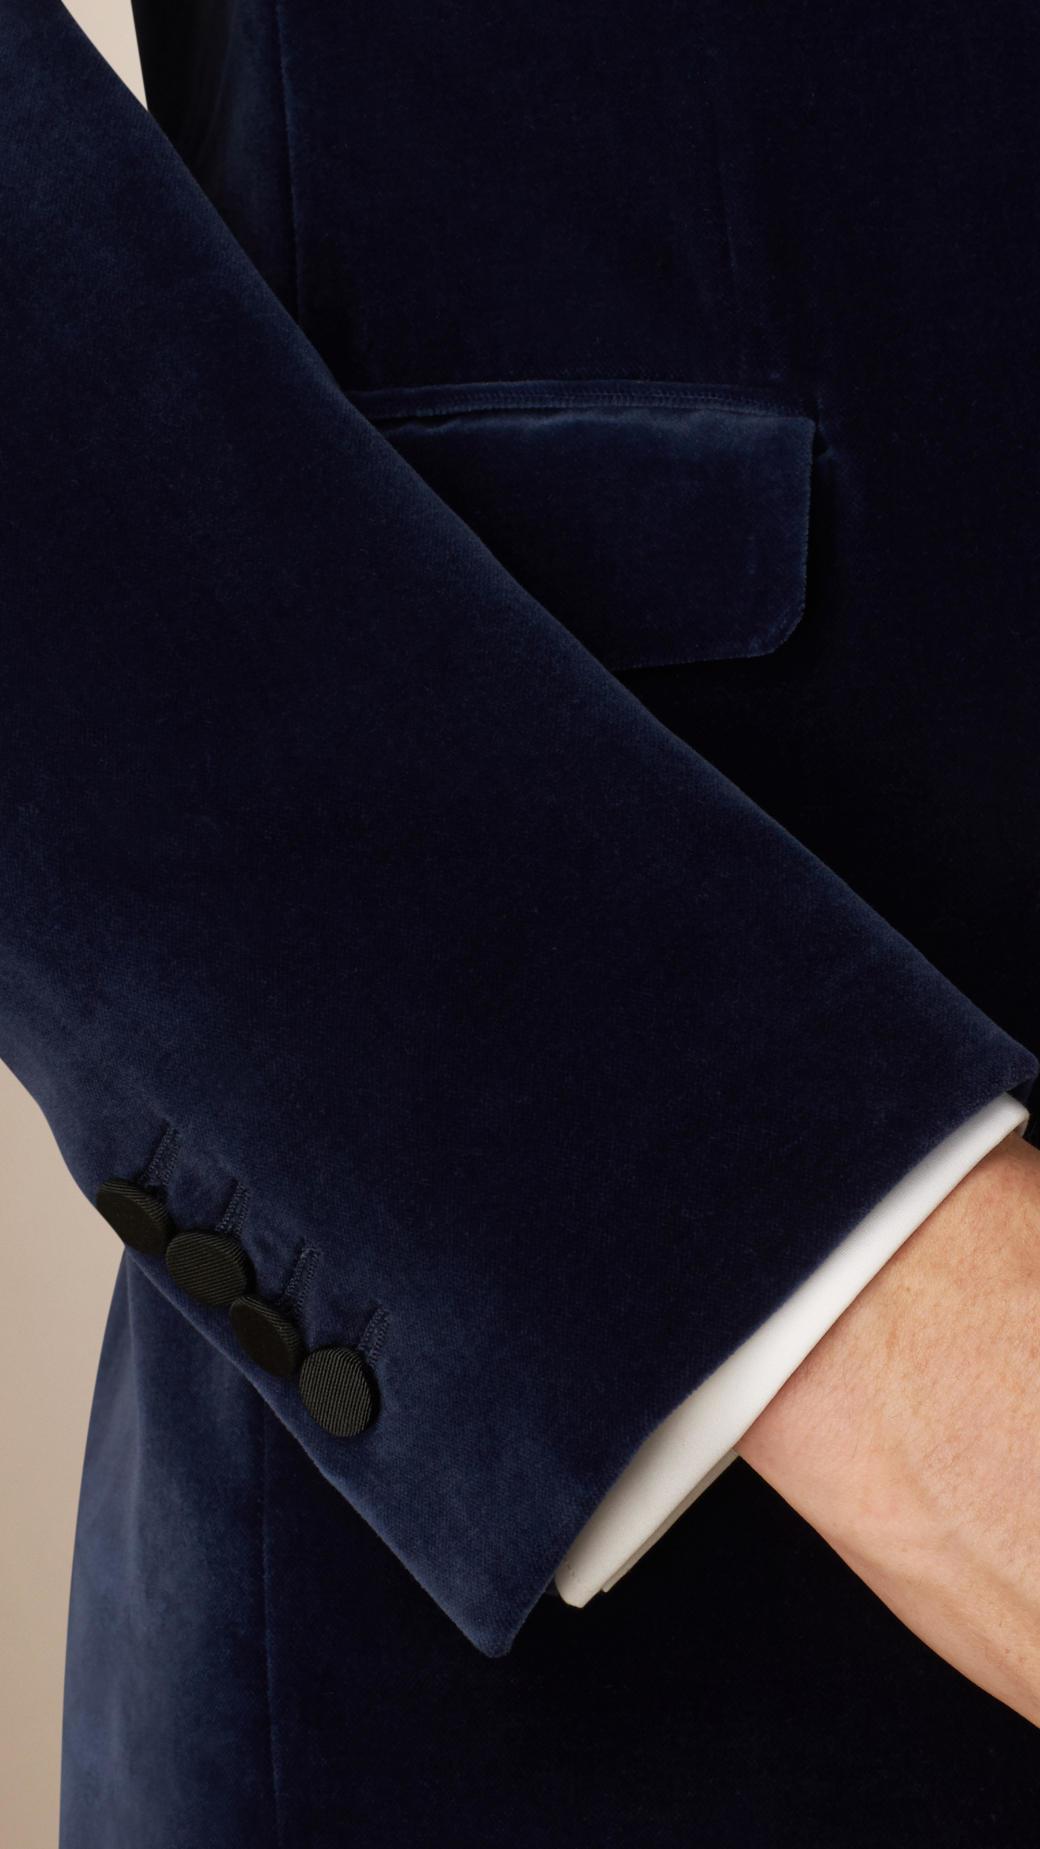 Burberry Slim Fit Velvet Half-canvas Tuxedo Jacket in Steel Blue (Blue) for Men